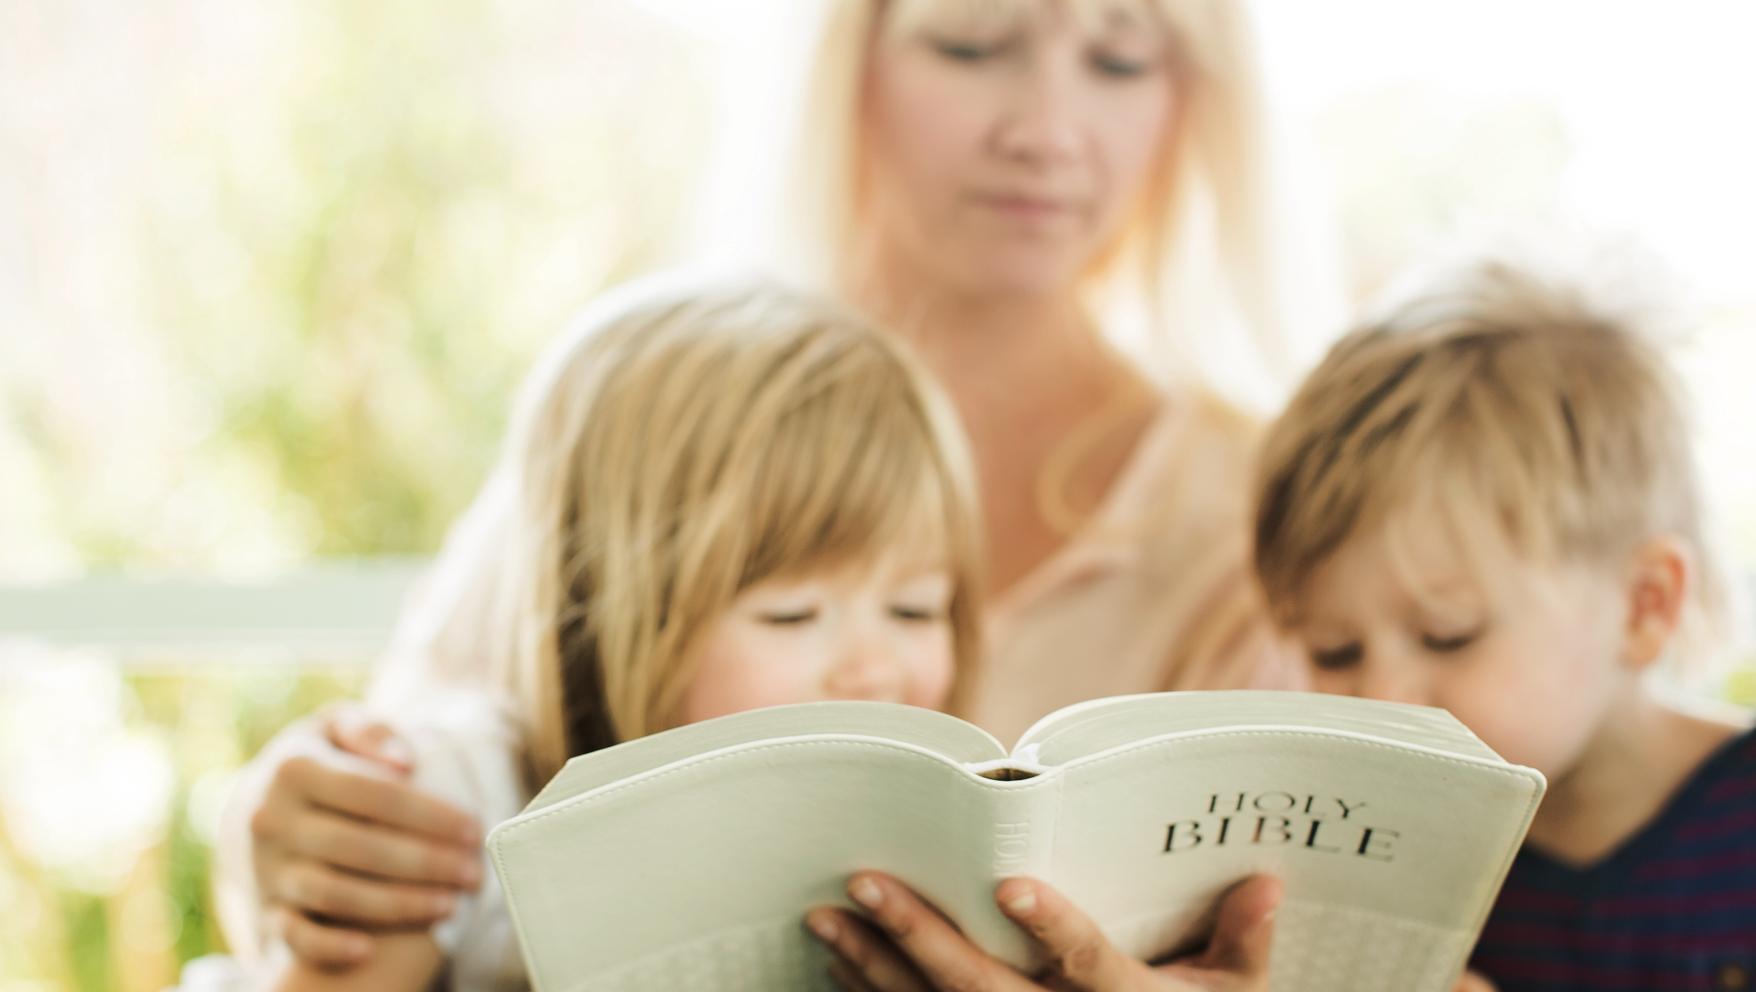 Cum să citeşti Biblia împreună cu copiii tăi